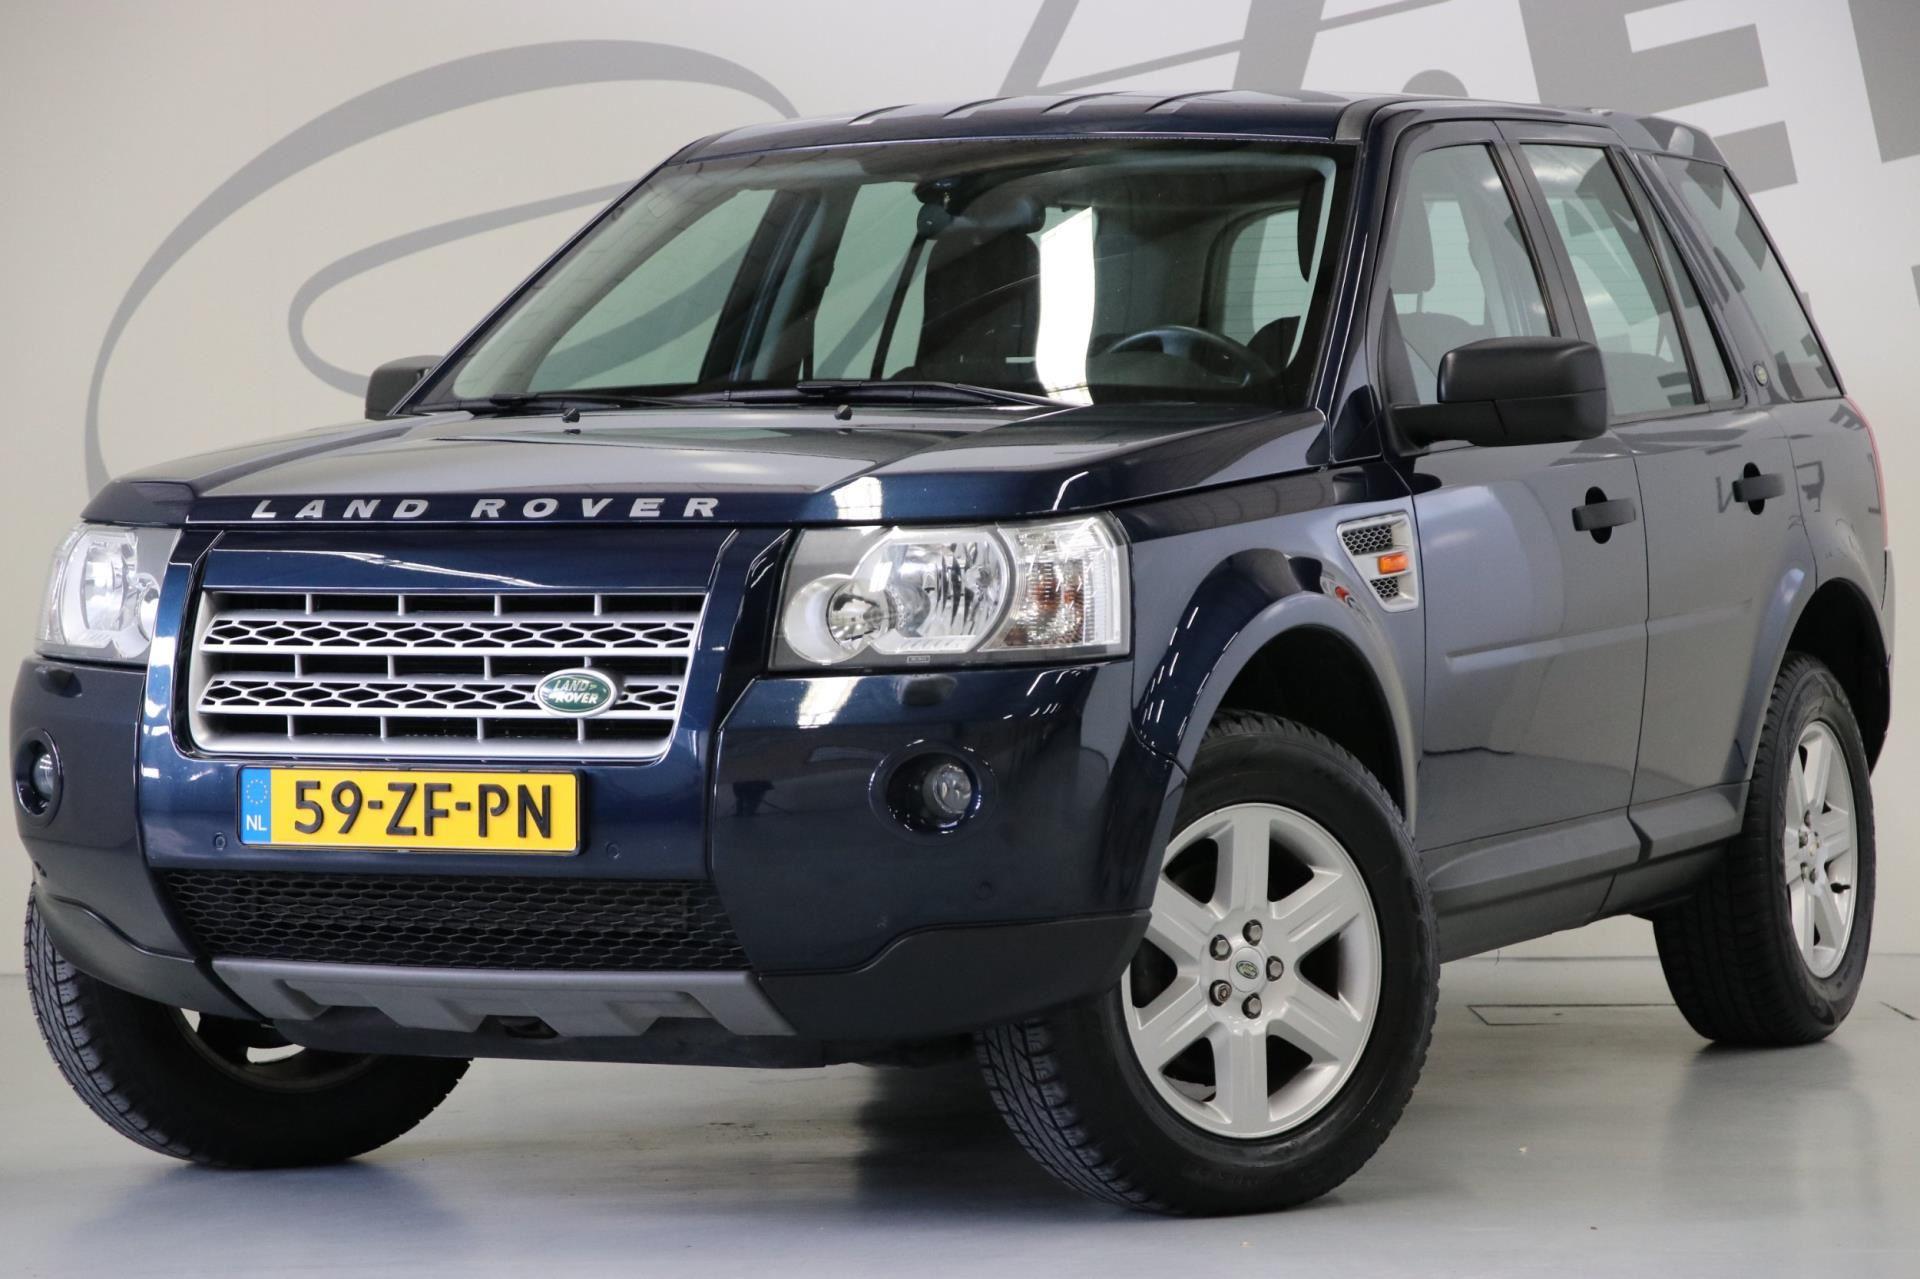 Land Rover Freelander occasion - Aeen Exclusieve Automobielen